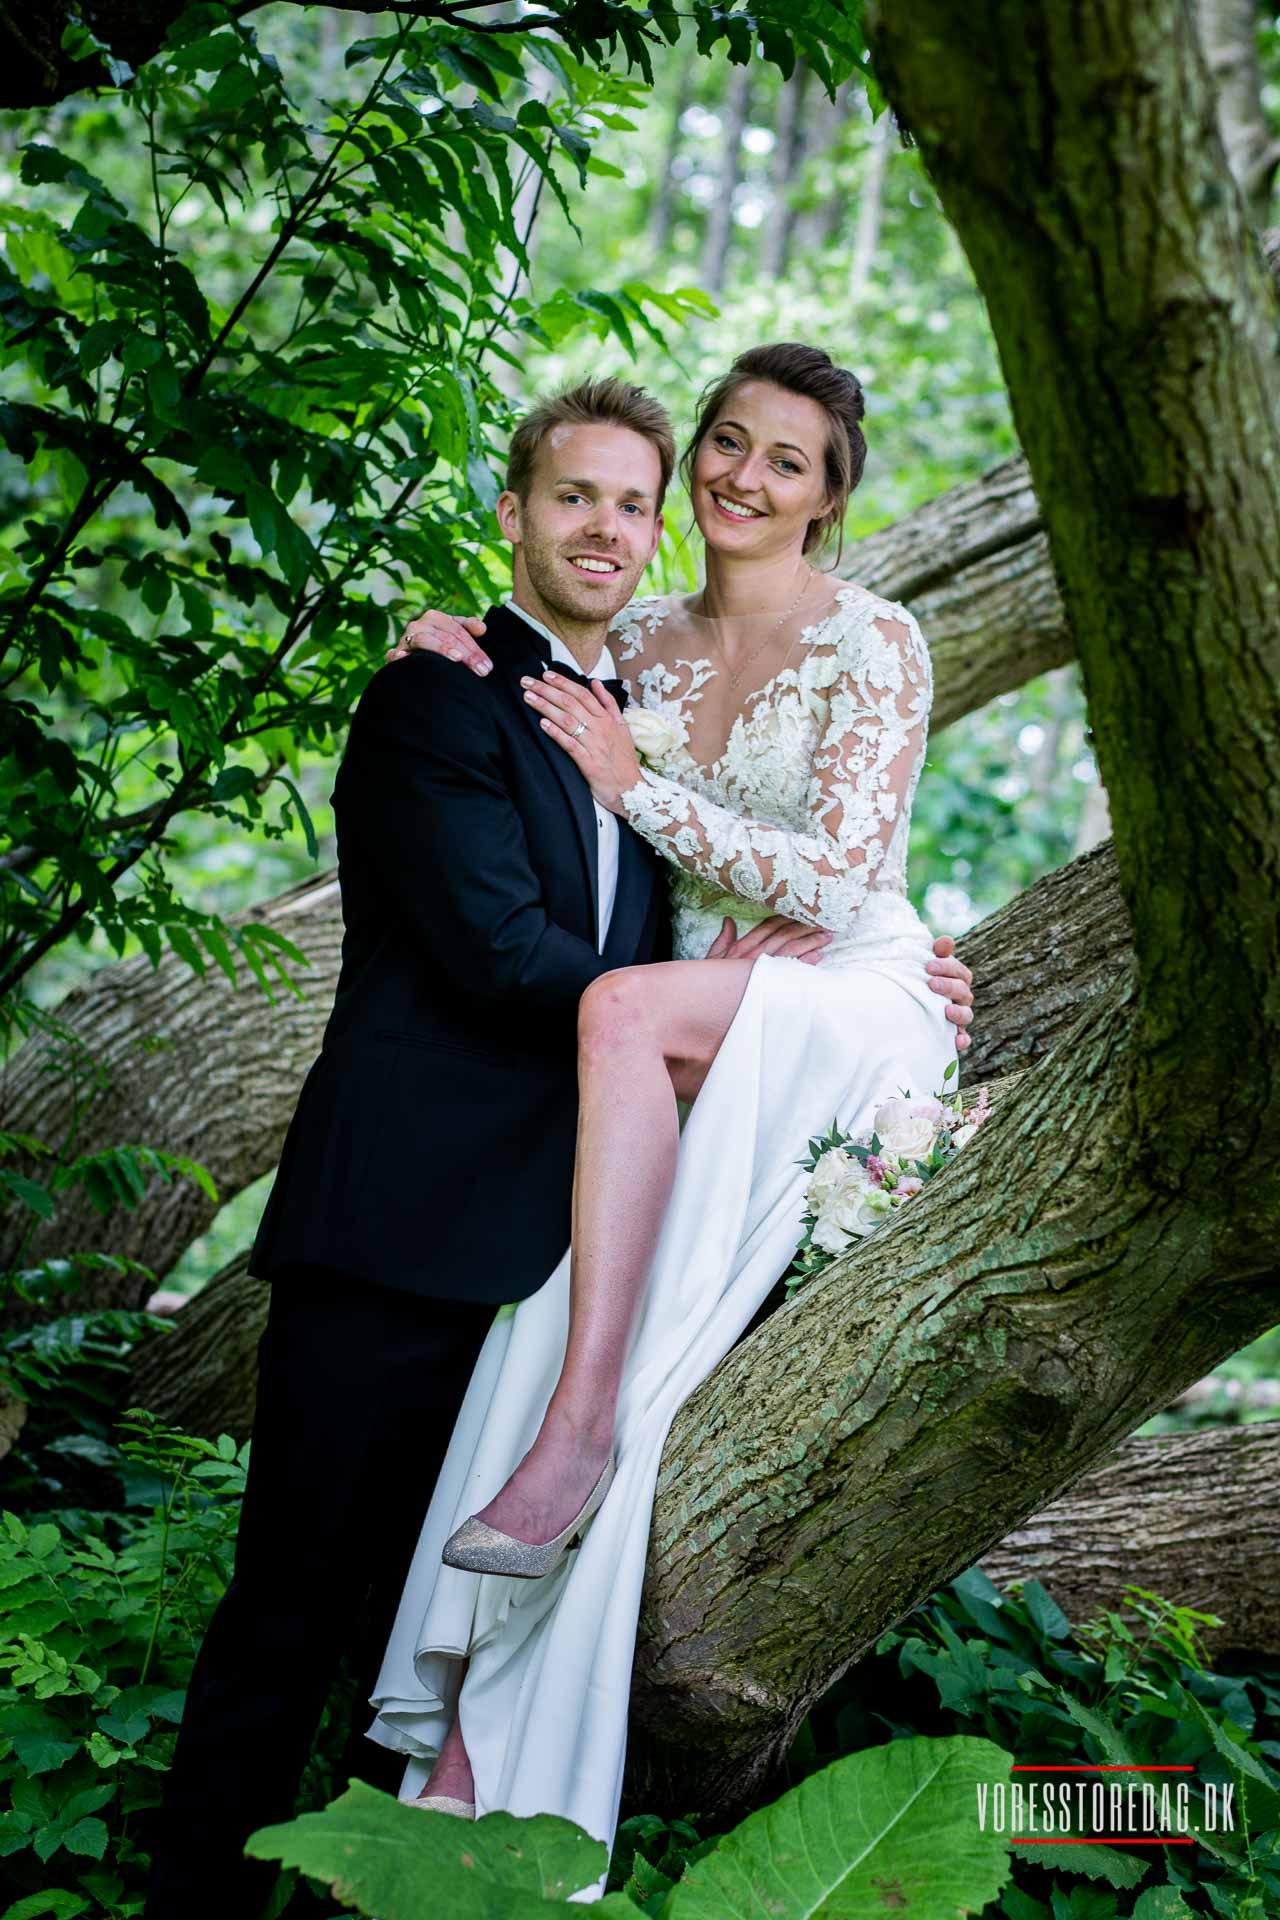 Bryllupsfest i skoven! Romantisk og hyggeligt. - Bryllup